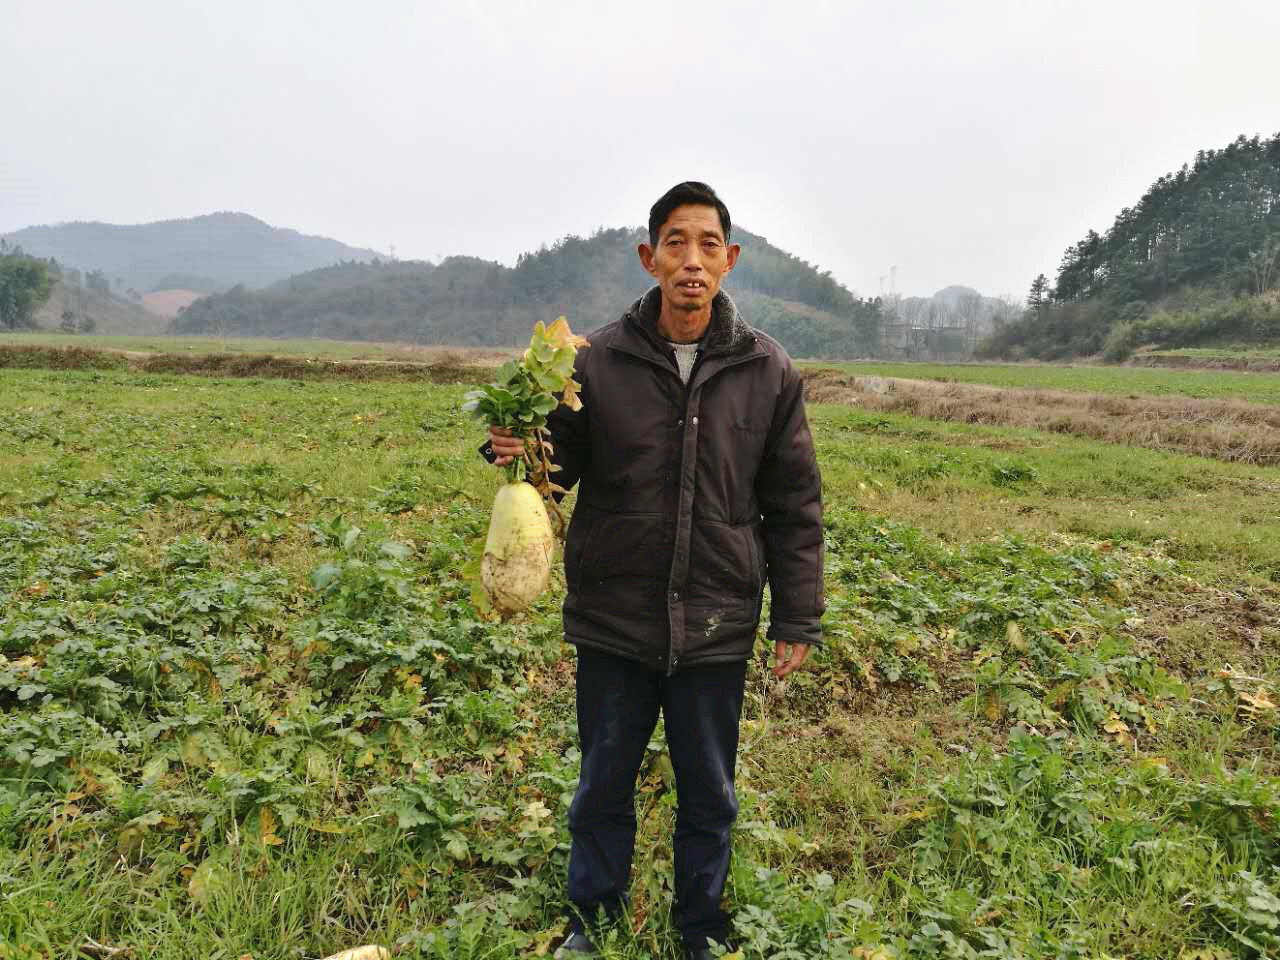 咸宁35万斤白萝卜质量太好却要烂在田里……农民不易,快帮帮他们吧!